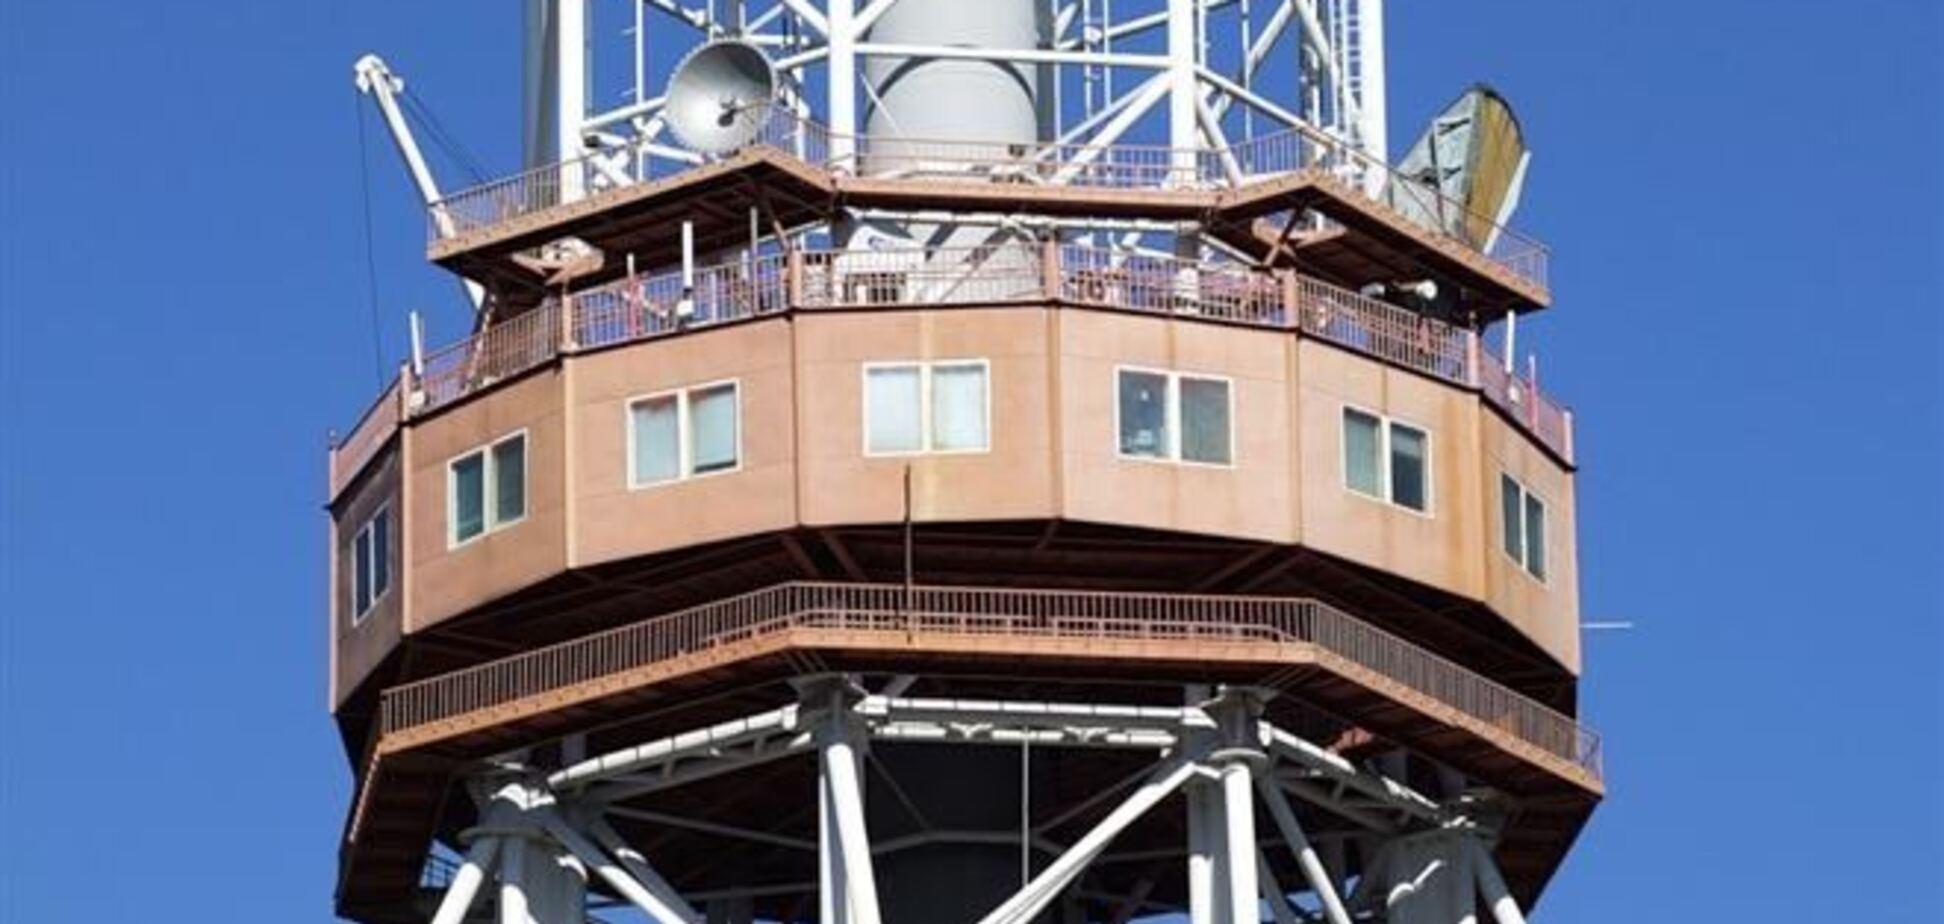 Оппозиция требует от ГПУ расследовать силовой захват 'Беркутом' телебашни